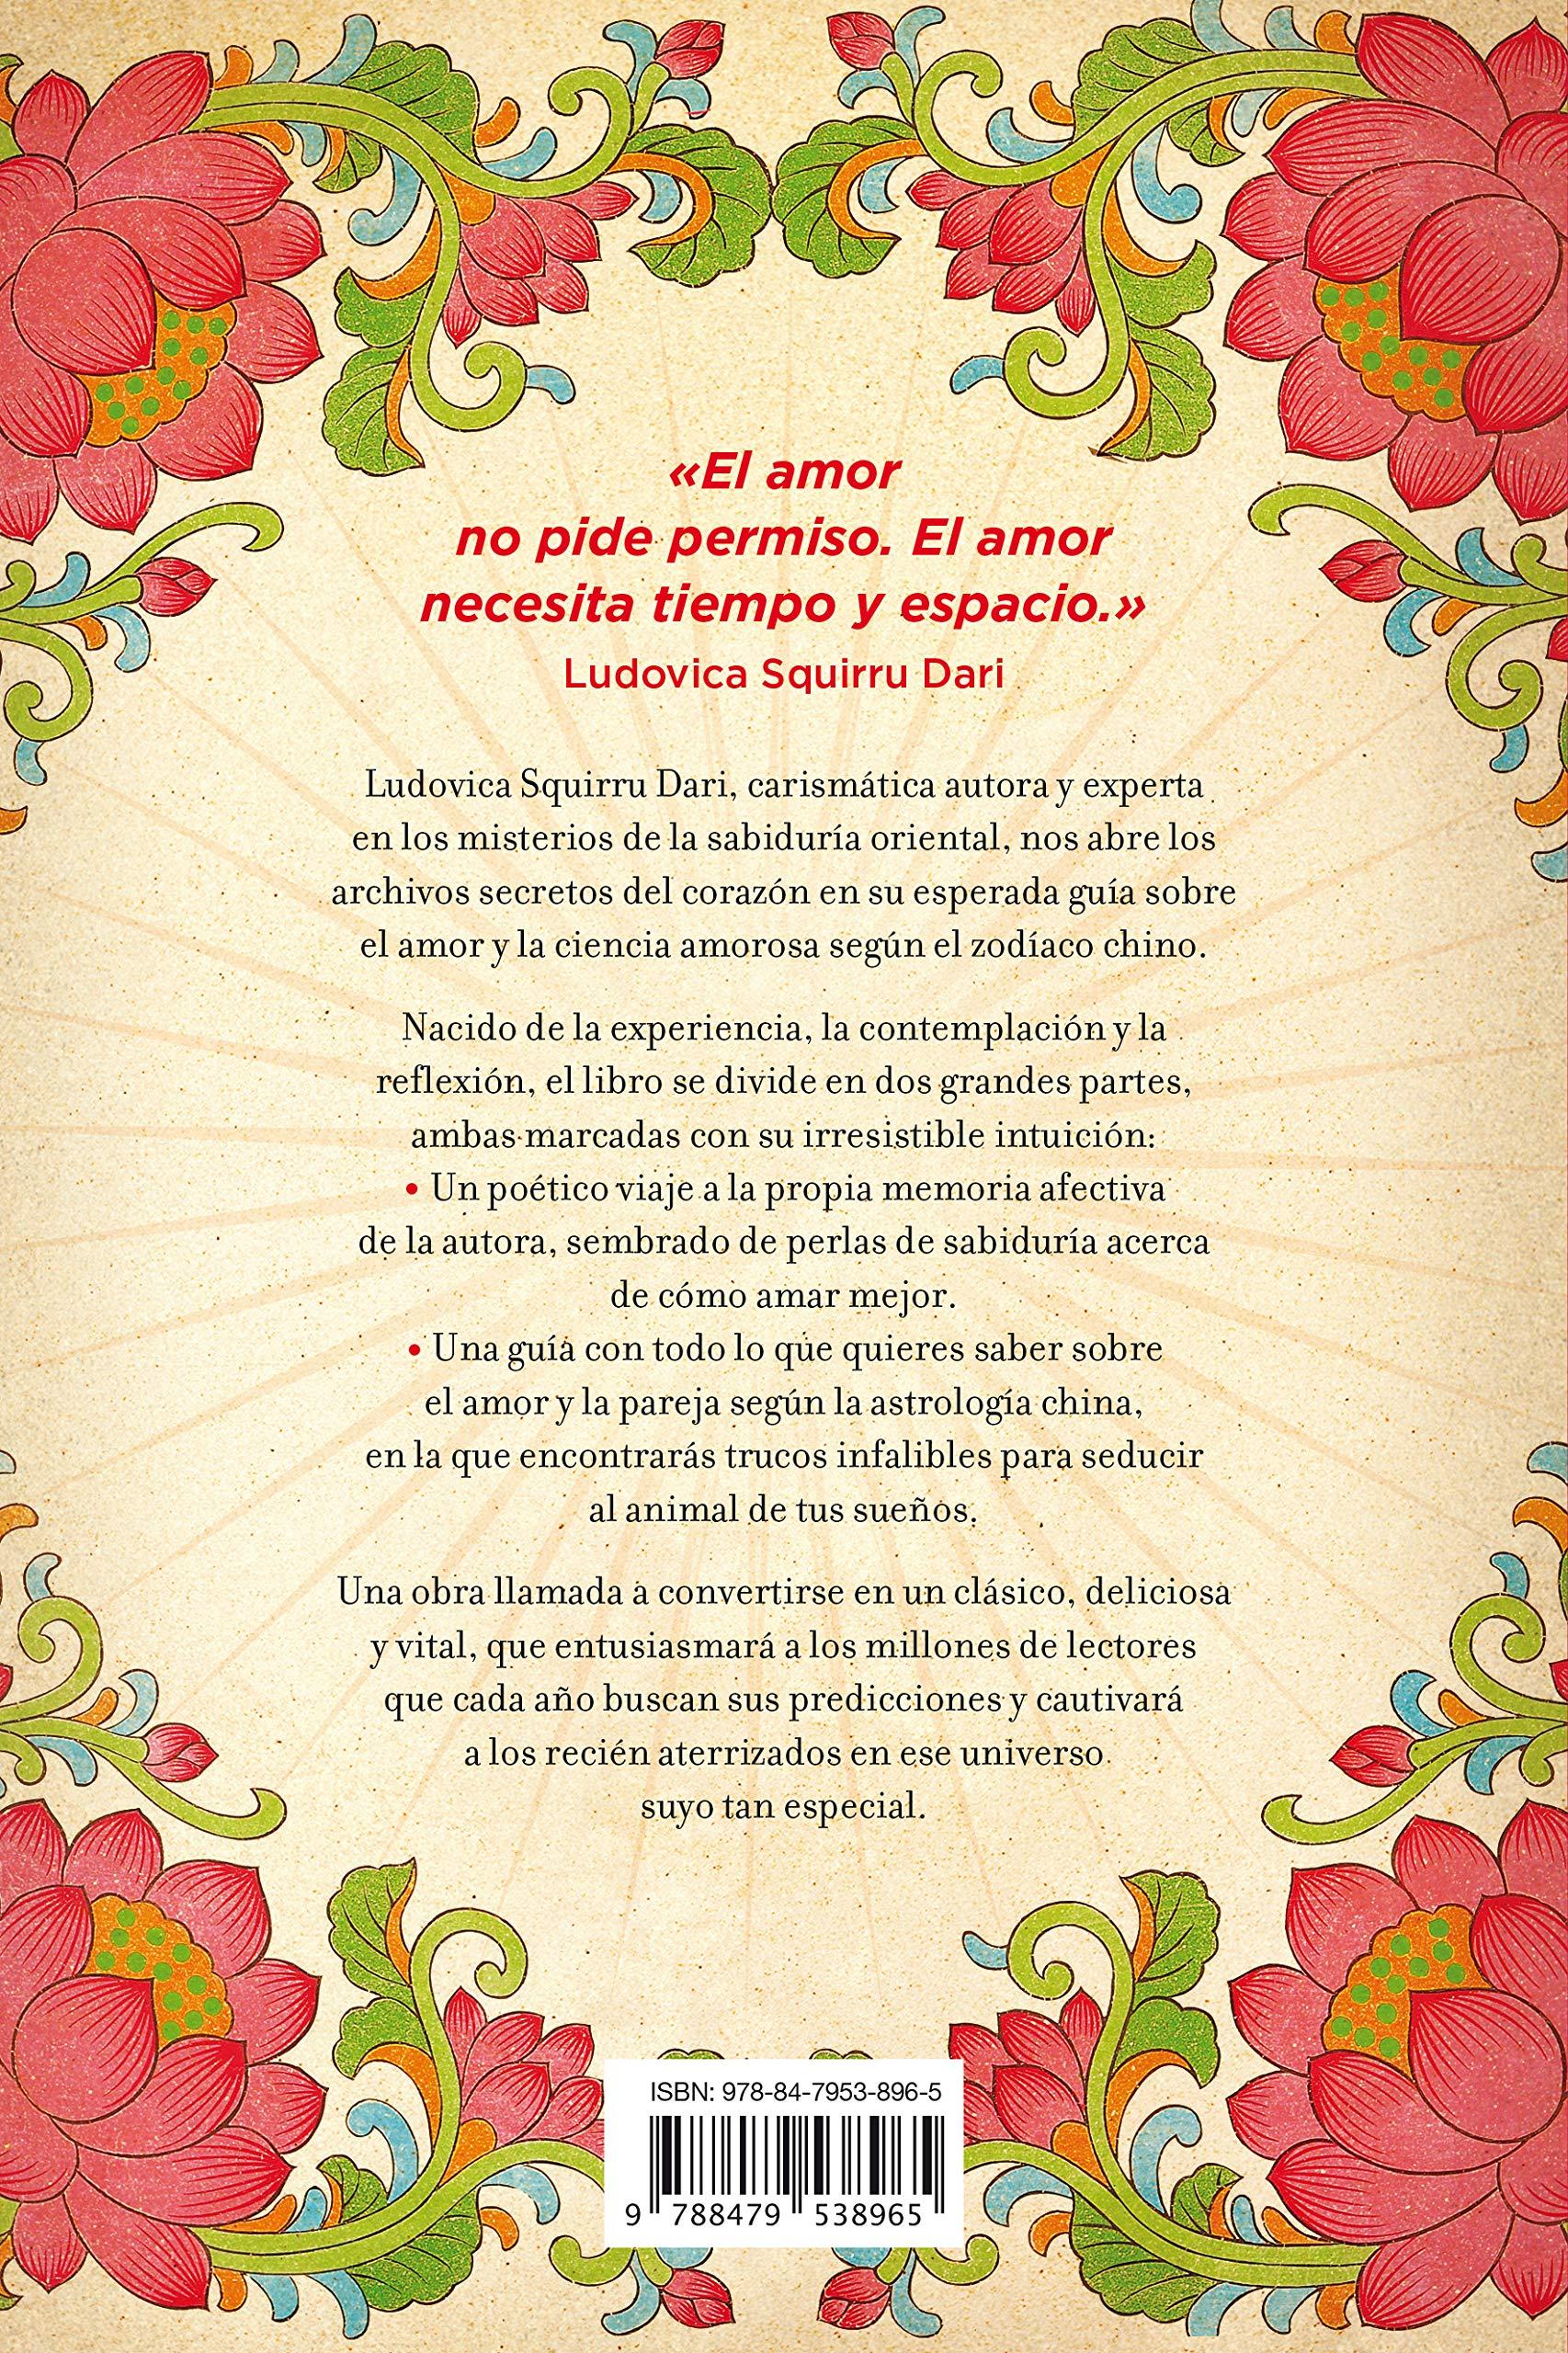 Doyo. El libro del amor (Spanish Edition): Ludovica Squirru ...